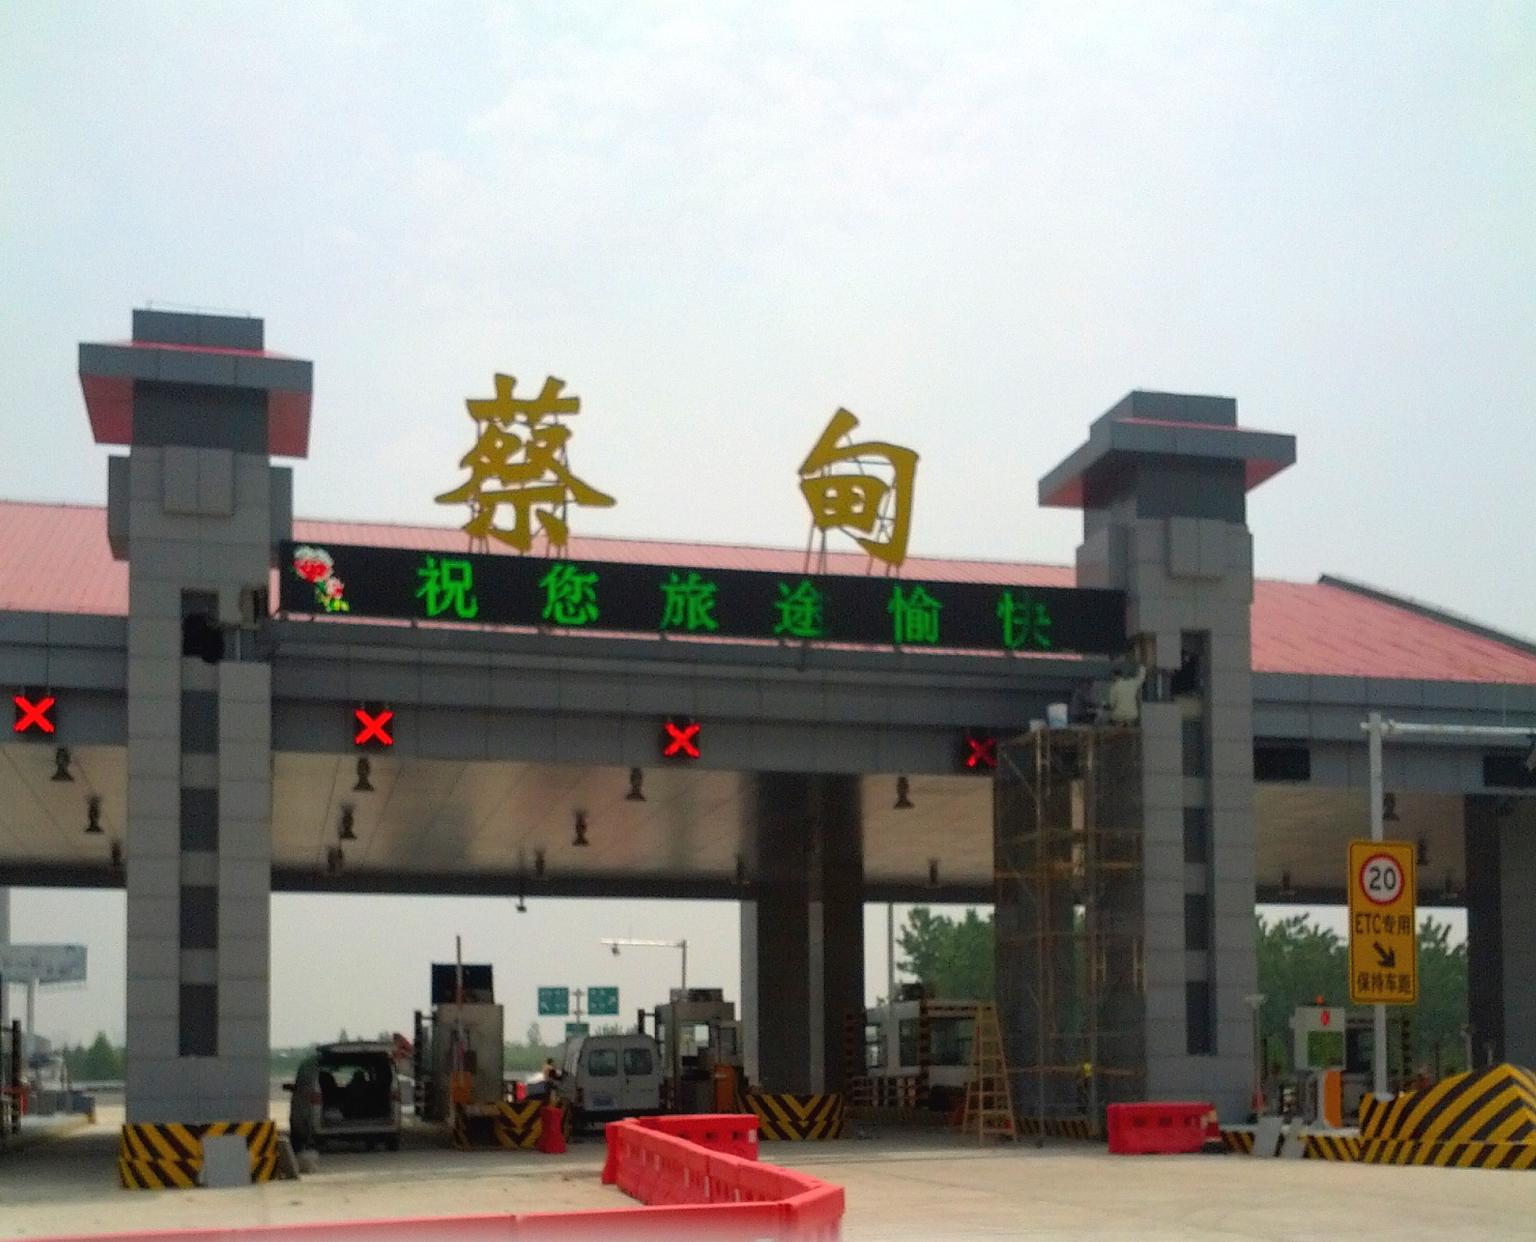 【京邦·案例】武汉市蔡甸区京珠高速蔡甸收费站广播项目